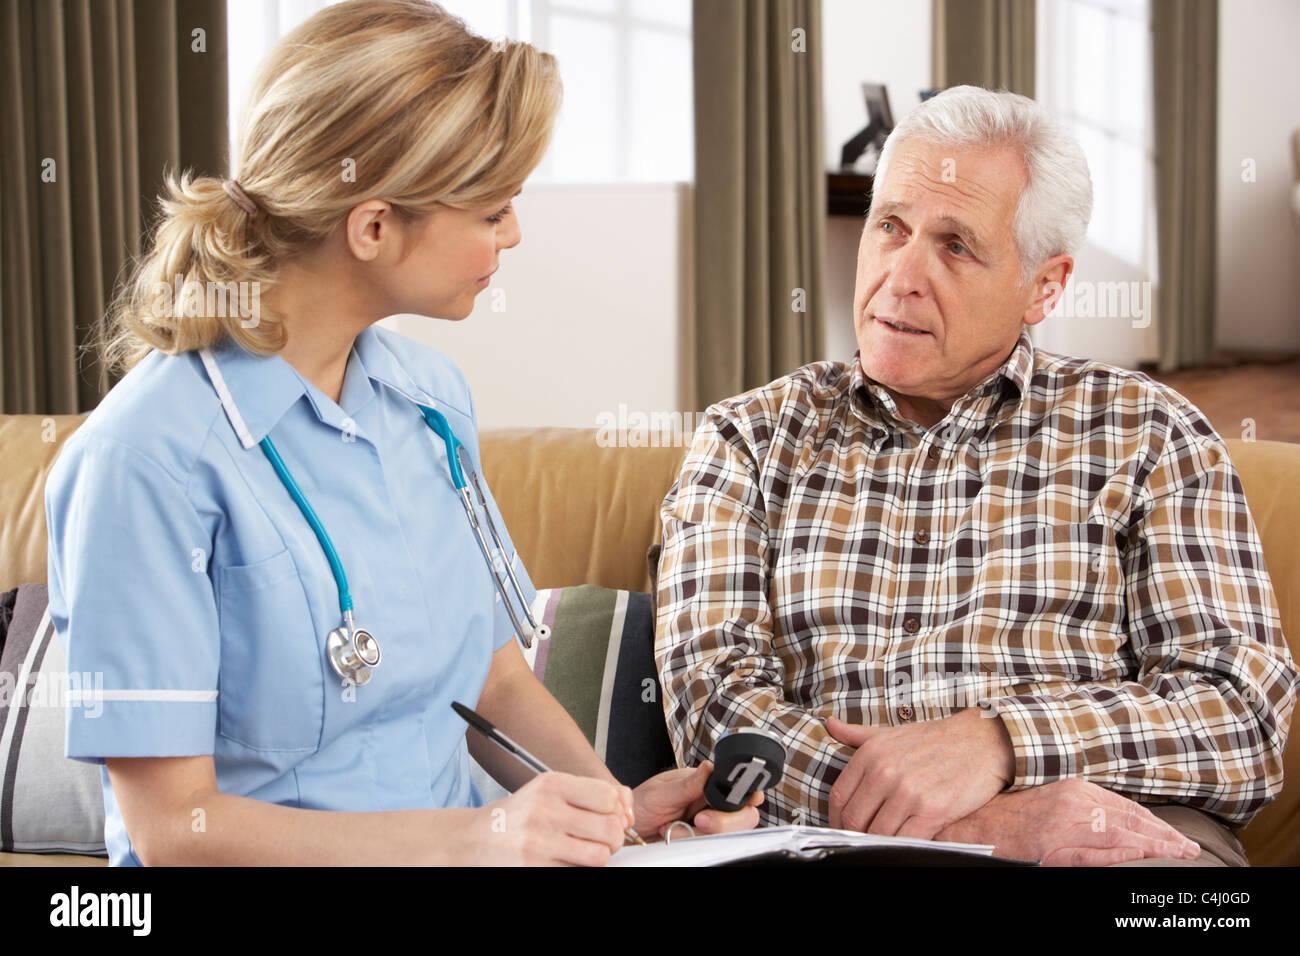 Senior Uomo che parla di salute ospite a casa Immagini Stock